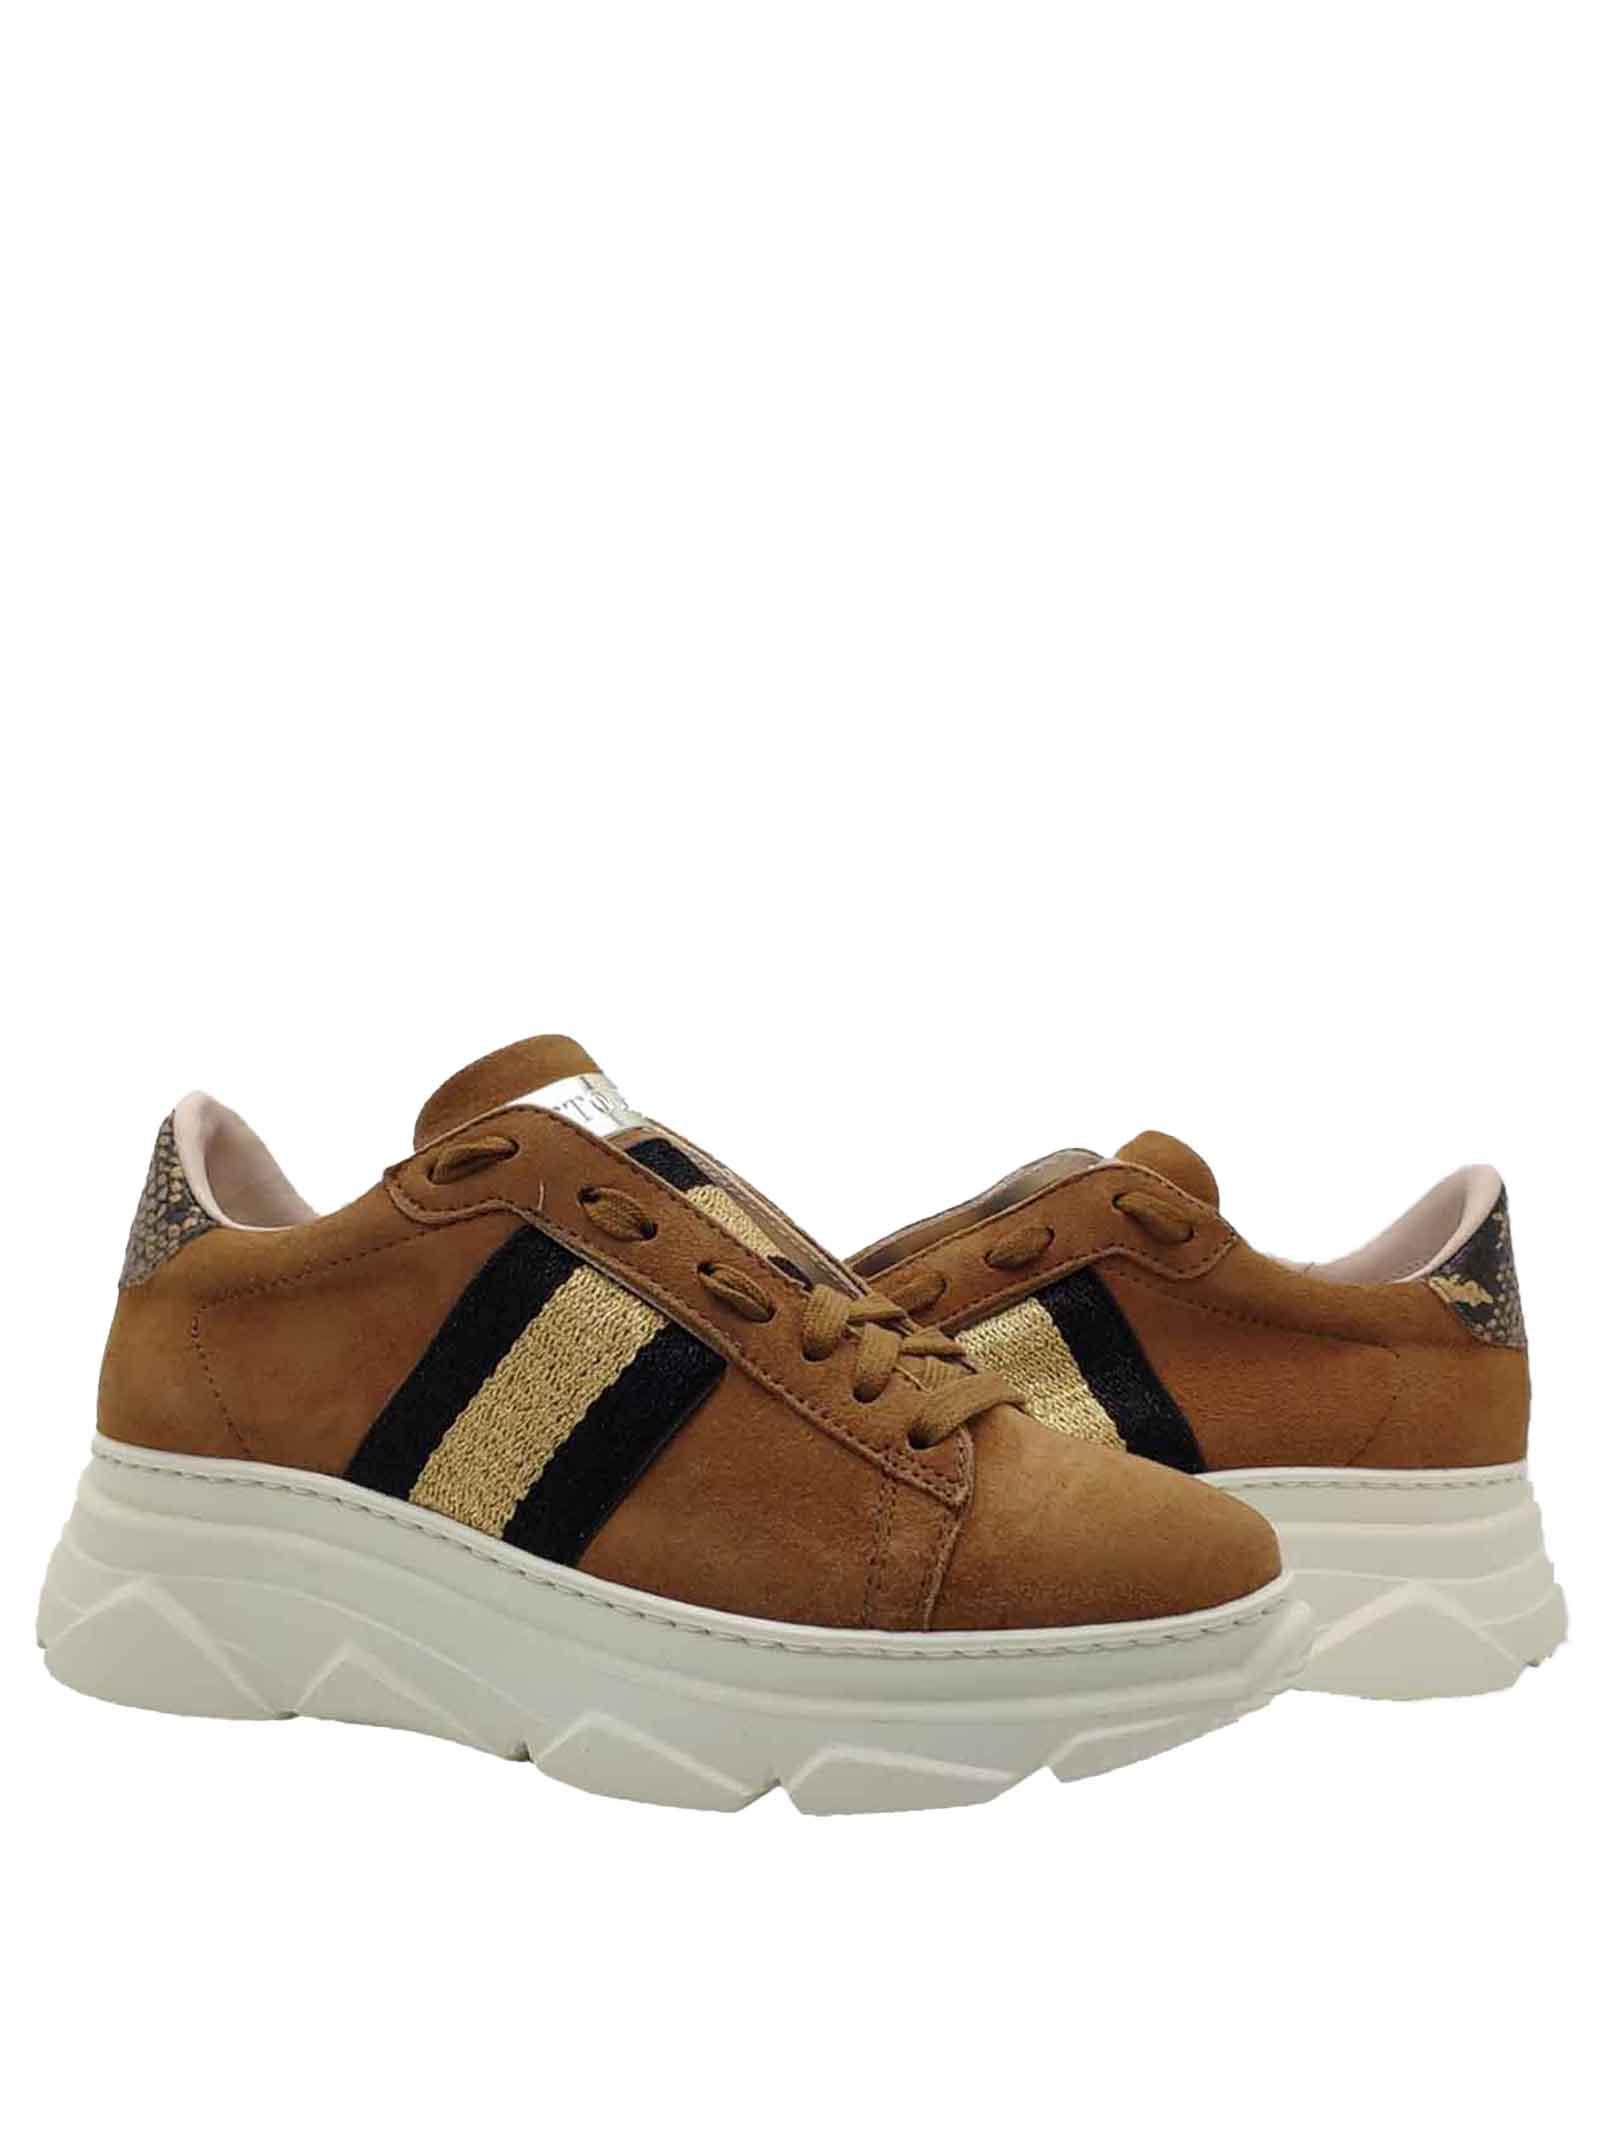 Calzature Donna Sneakers in Camoscio Cuoio con Banda Laminata Laterale e Fondo Zeppa in Gomma Stokton | Sneakers | 650-DCUOIO